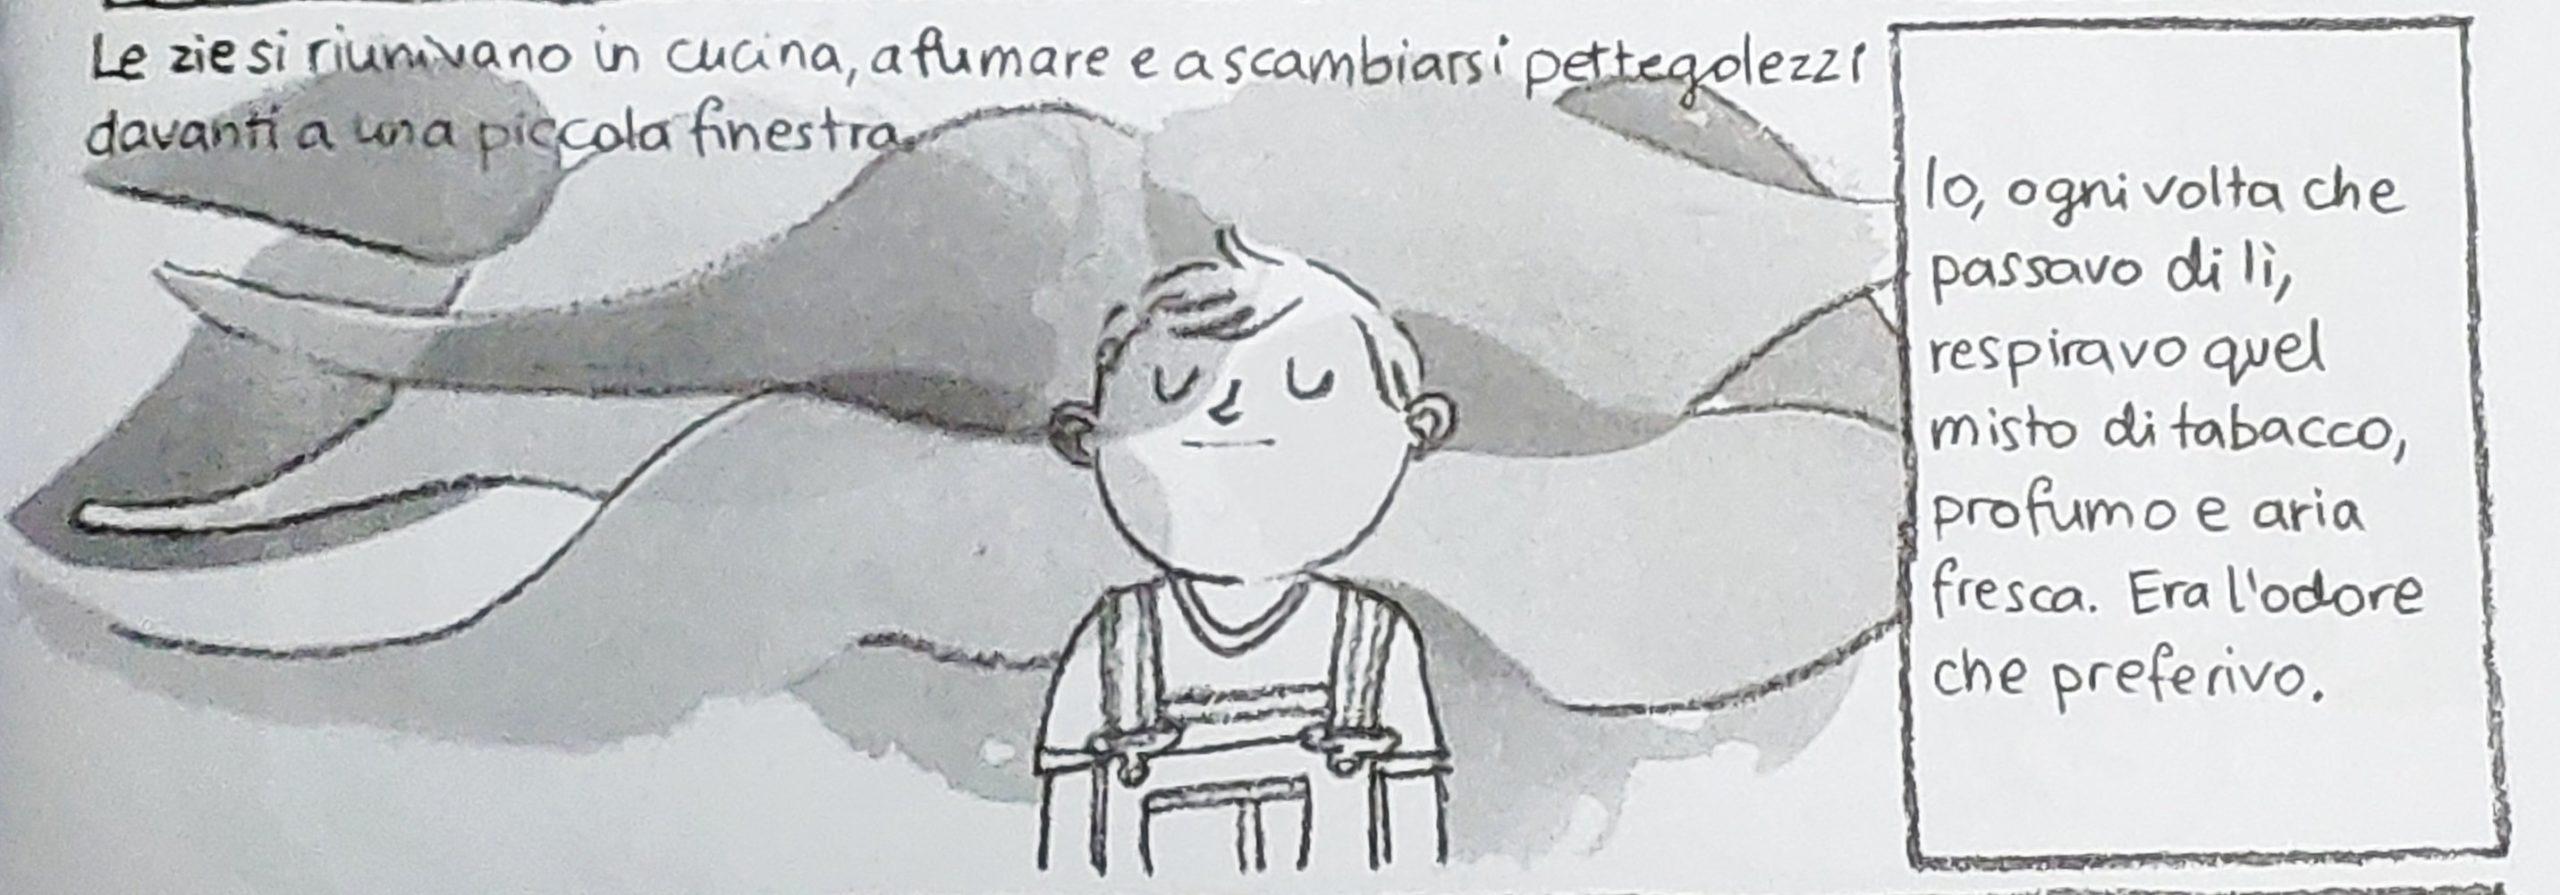 Mio caro fumetto… – Odore nella casa dei nonni a Pszczelin